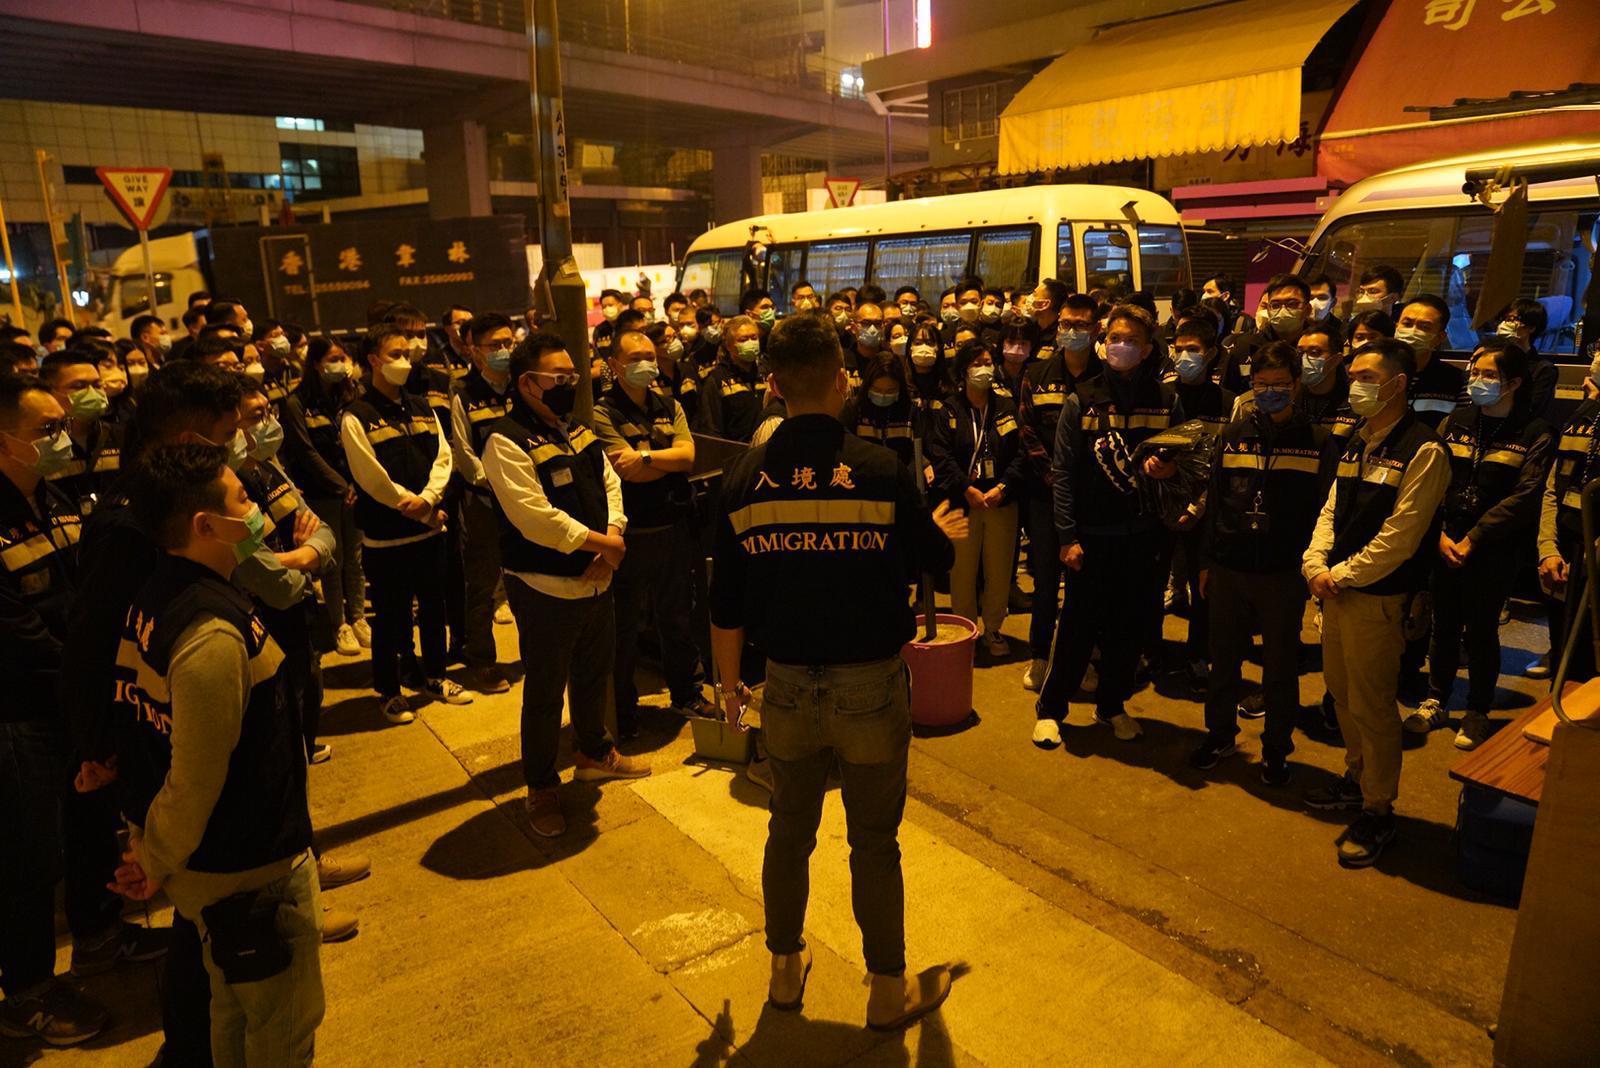 1月23日凌晨開始,入境處人員便抵達佐敦指明受限區域執勤,協助當區的居民,並駐守在各個路口。(入境處供圖)